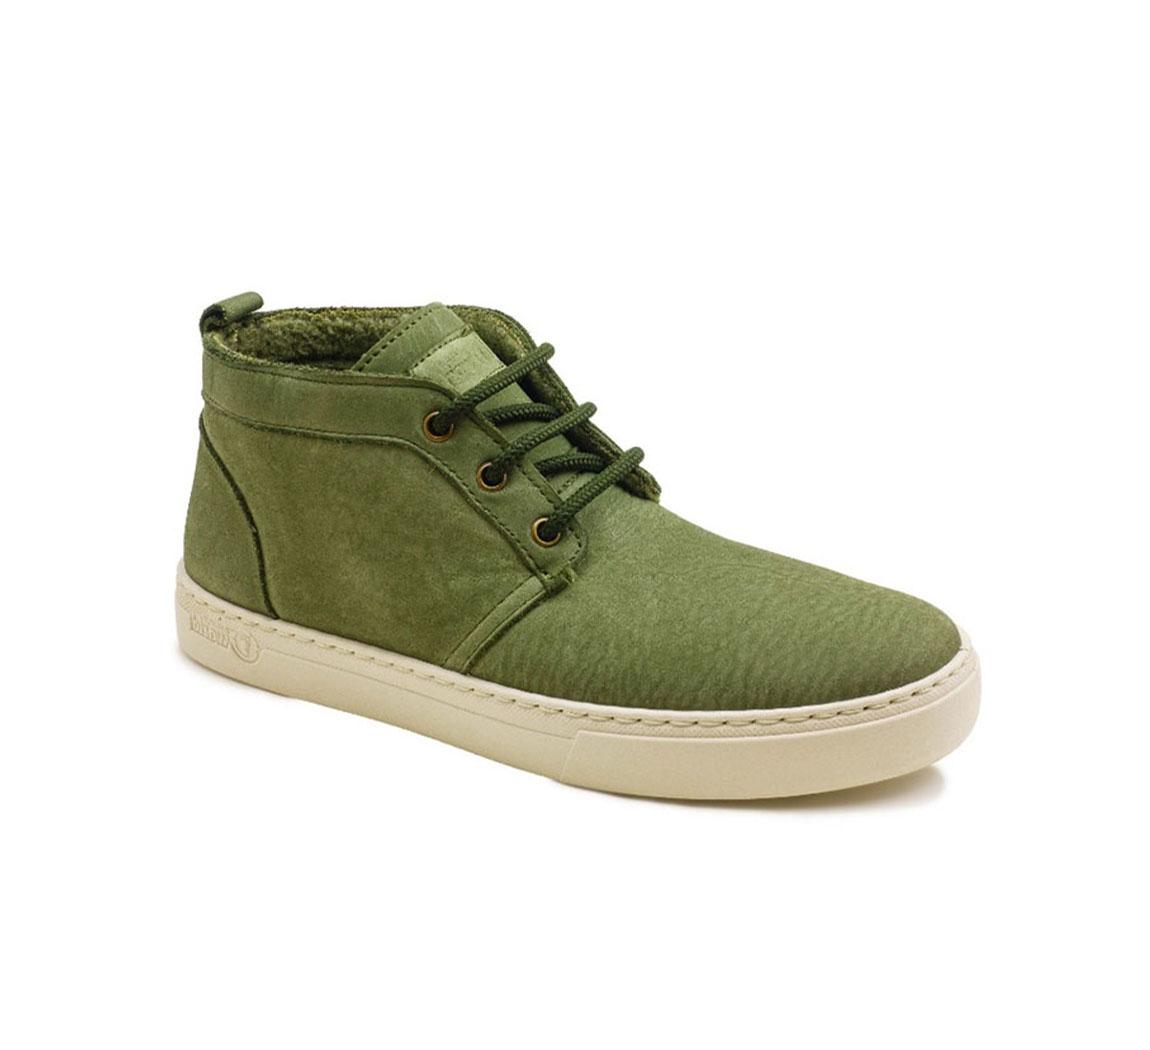 Chaussure écologique Natural World Chaussure montante Zafir